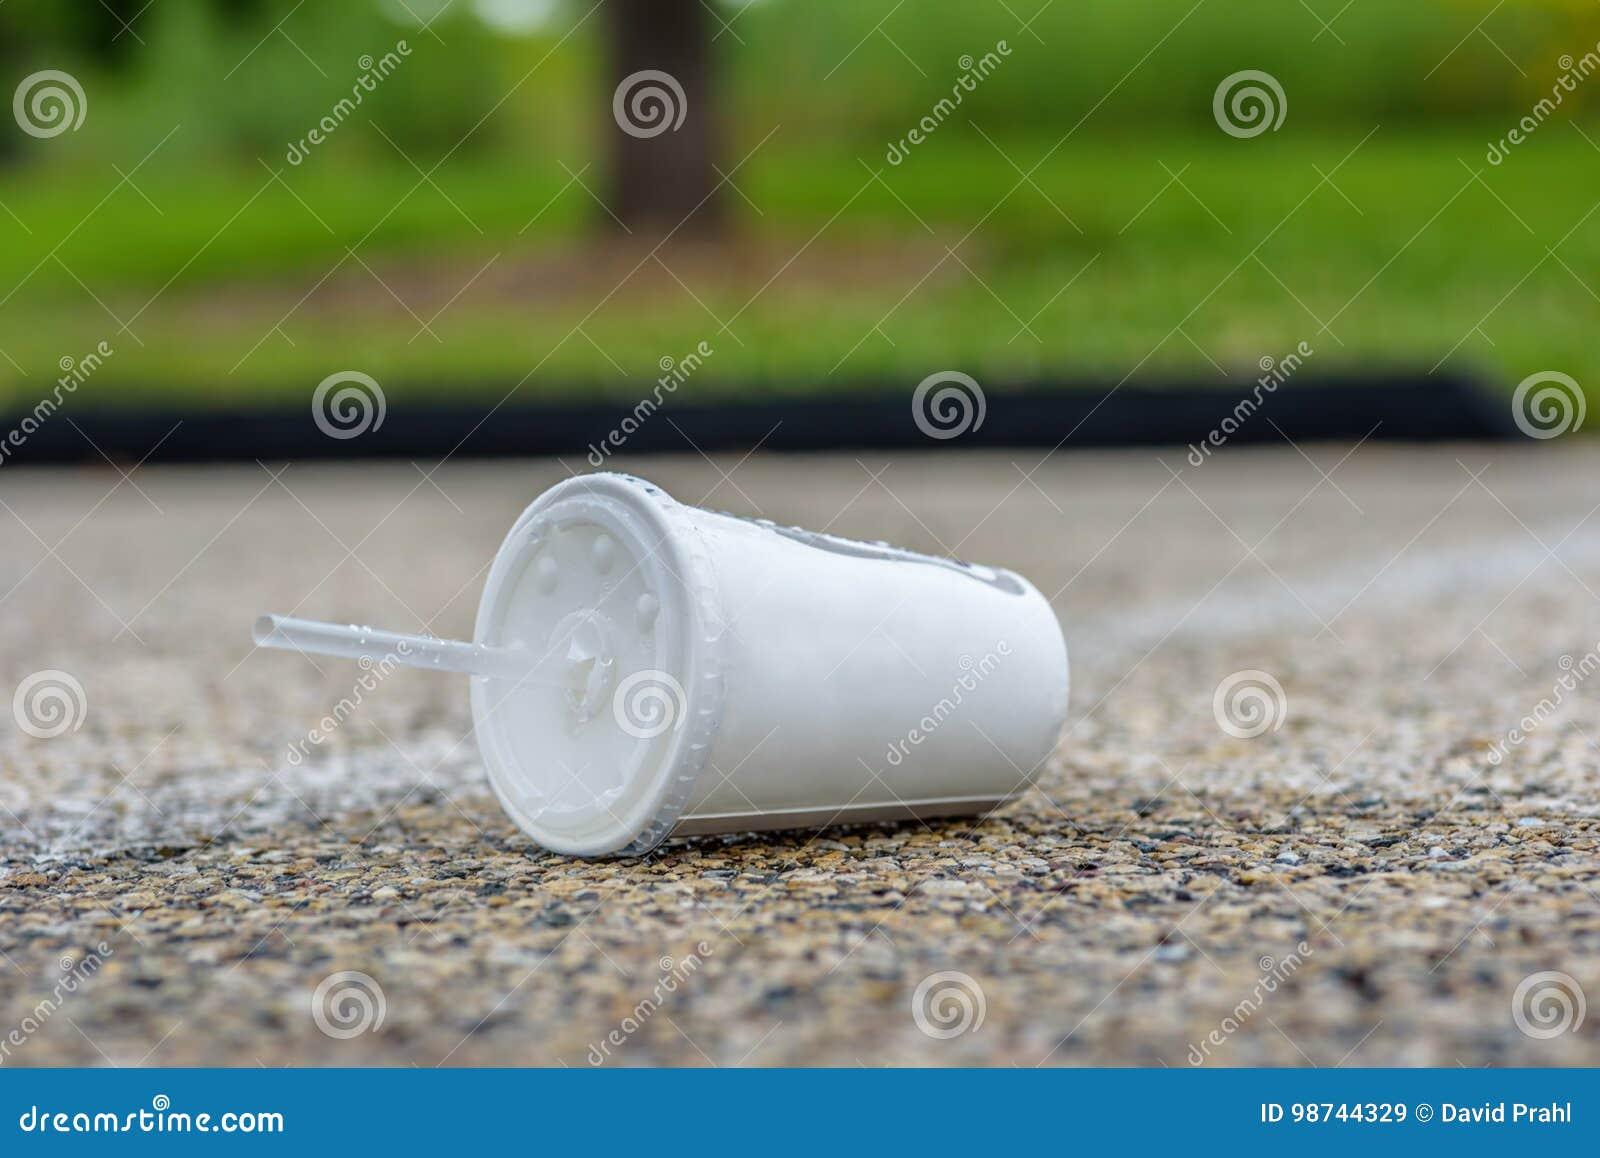 Maca do copo do refresco no pavimento